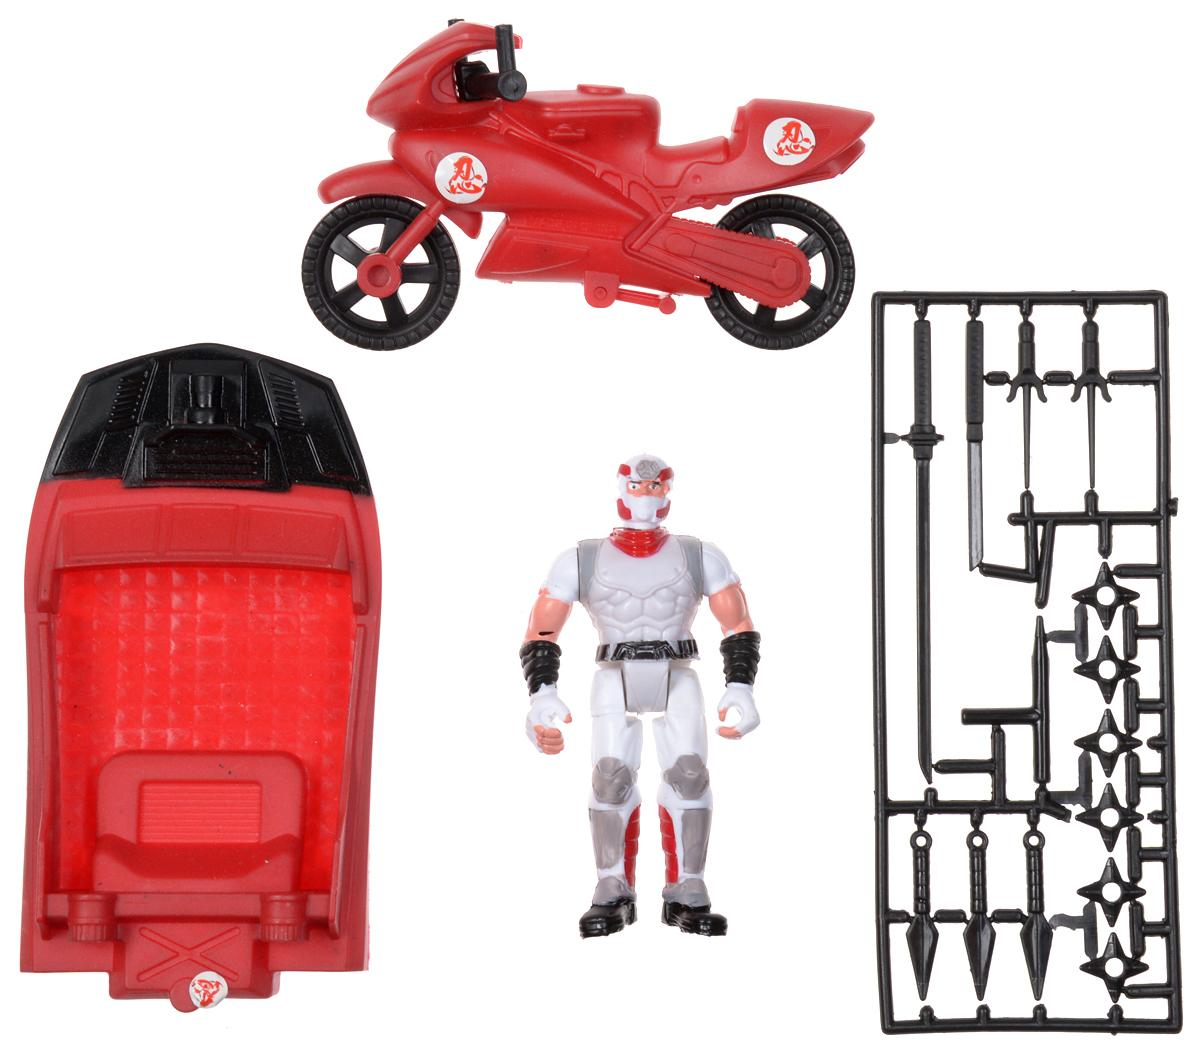 Manley Игровой набор Ninja Battle цвет красный белый63587_красный/белый нинзяИгровой набор Ninja Battle заинтересует каждого мальчишку! В набор входит фигурка ниндзя, лодка и гоночный мотоцикл. Элементы набора выполнены из прочного пластика. Руки, ноги и голова у фигурки ниндзя подвижны, колеса мотоцикла вращаются. В наборе имеется разнообразное оружие для ниндзя, которое можно использовать в схватках с врагами. Ваш ребенок с удовольствием разнообразит свои игры фигурками Ninja Battle.